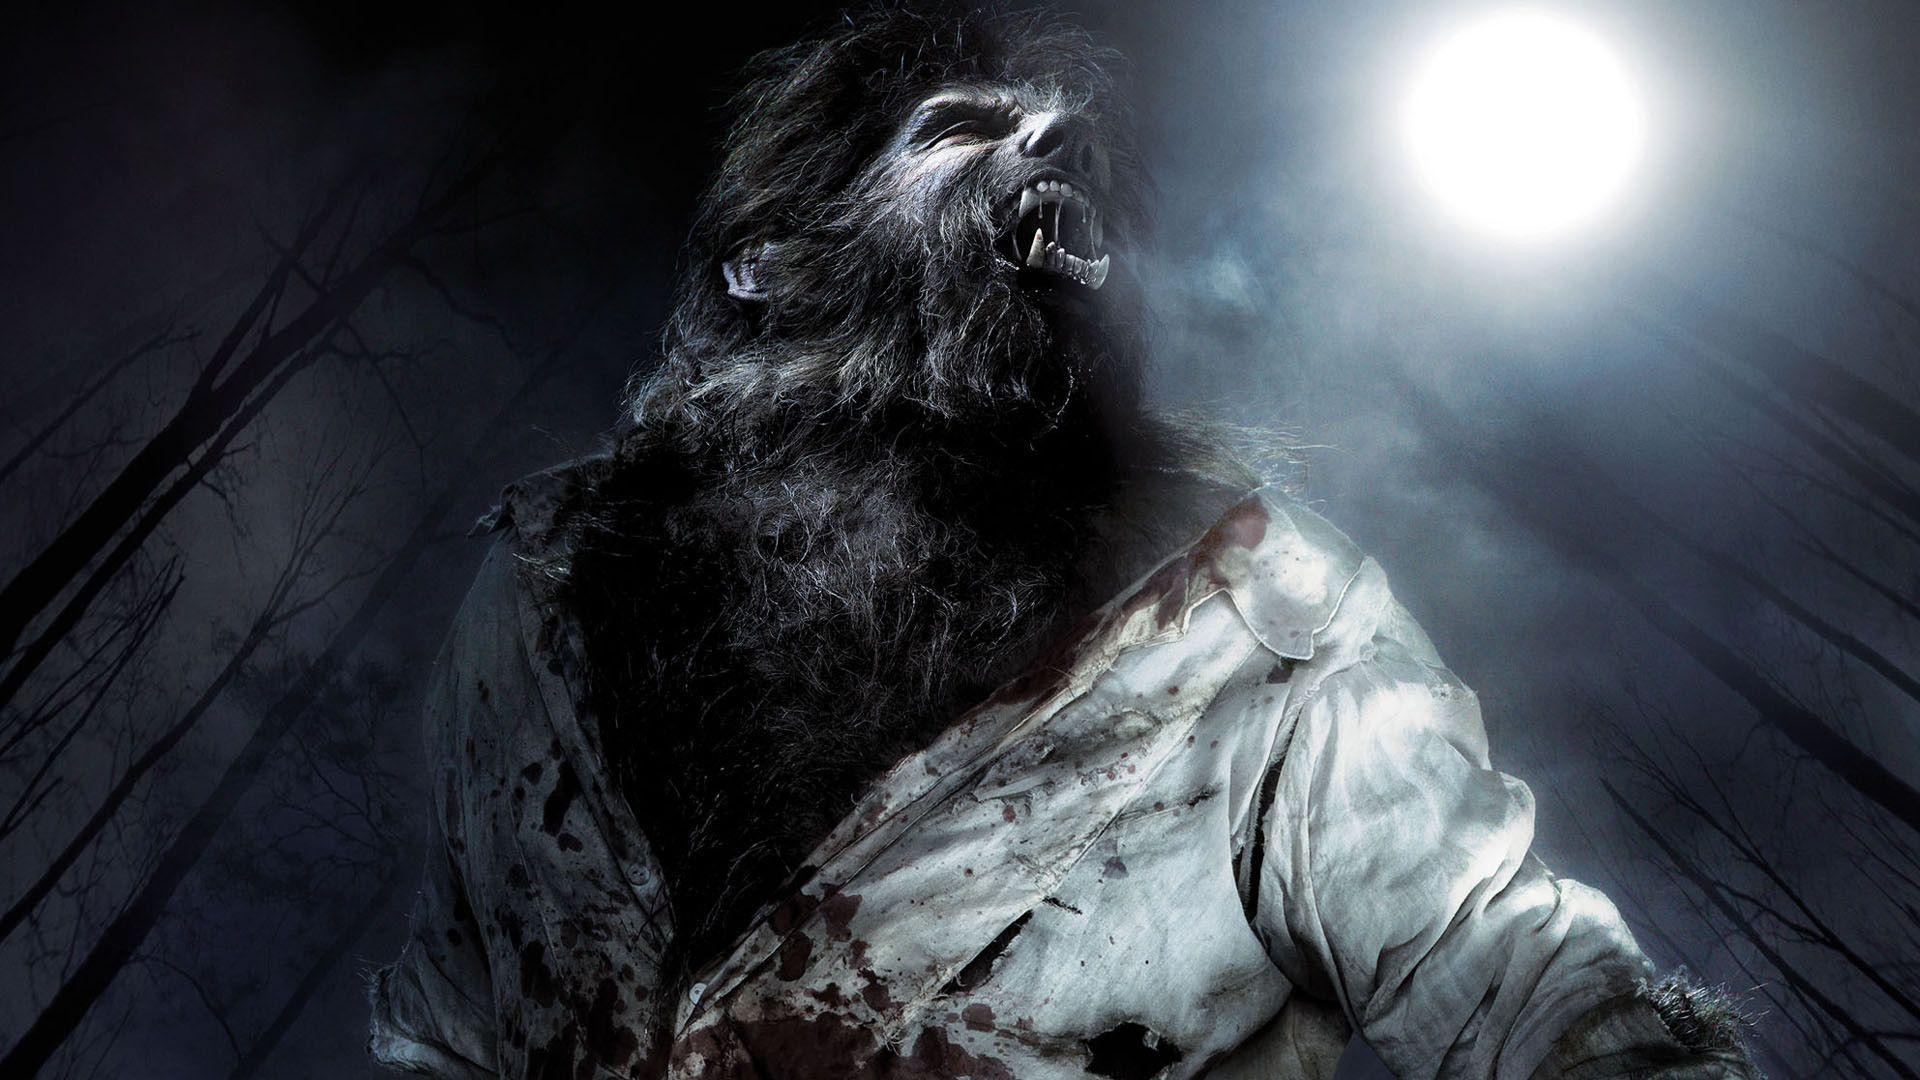 the wolf man rises again